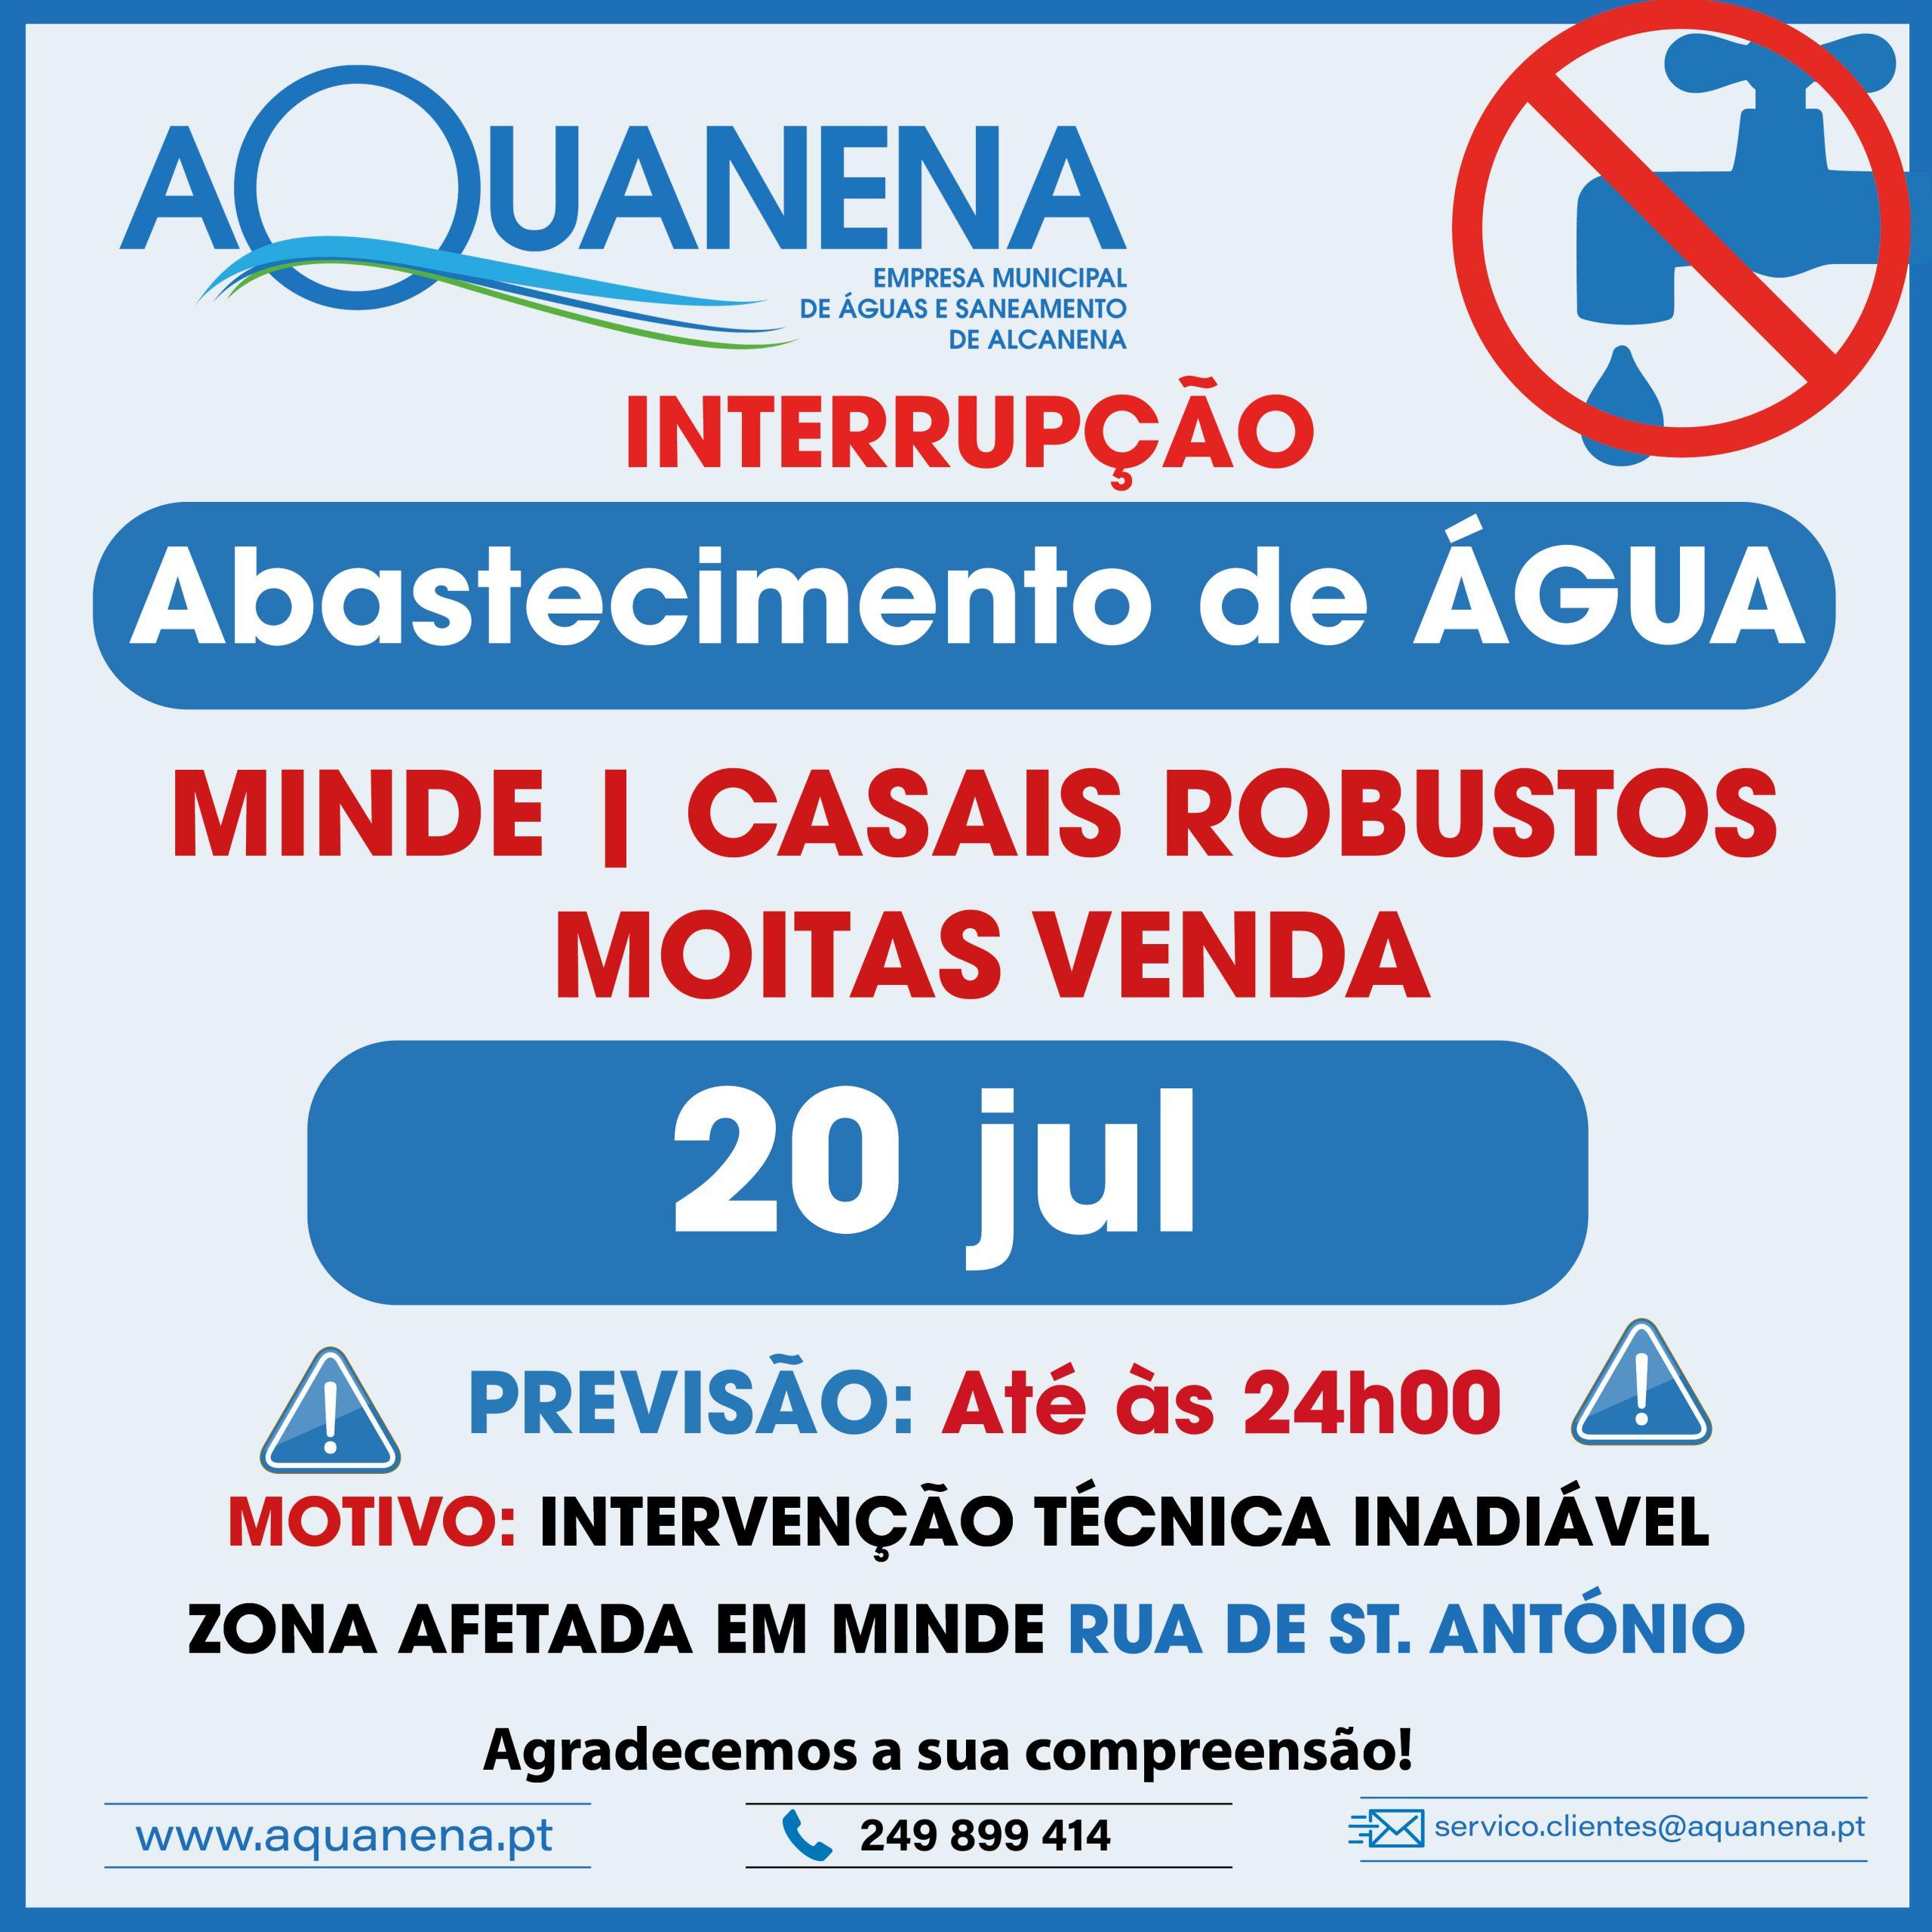 CONSTRANGIMENTOS no abastecimento de água em MINDE | CASAIS ROBUSTOS | MOITAS VENDA